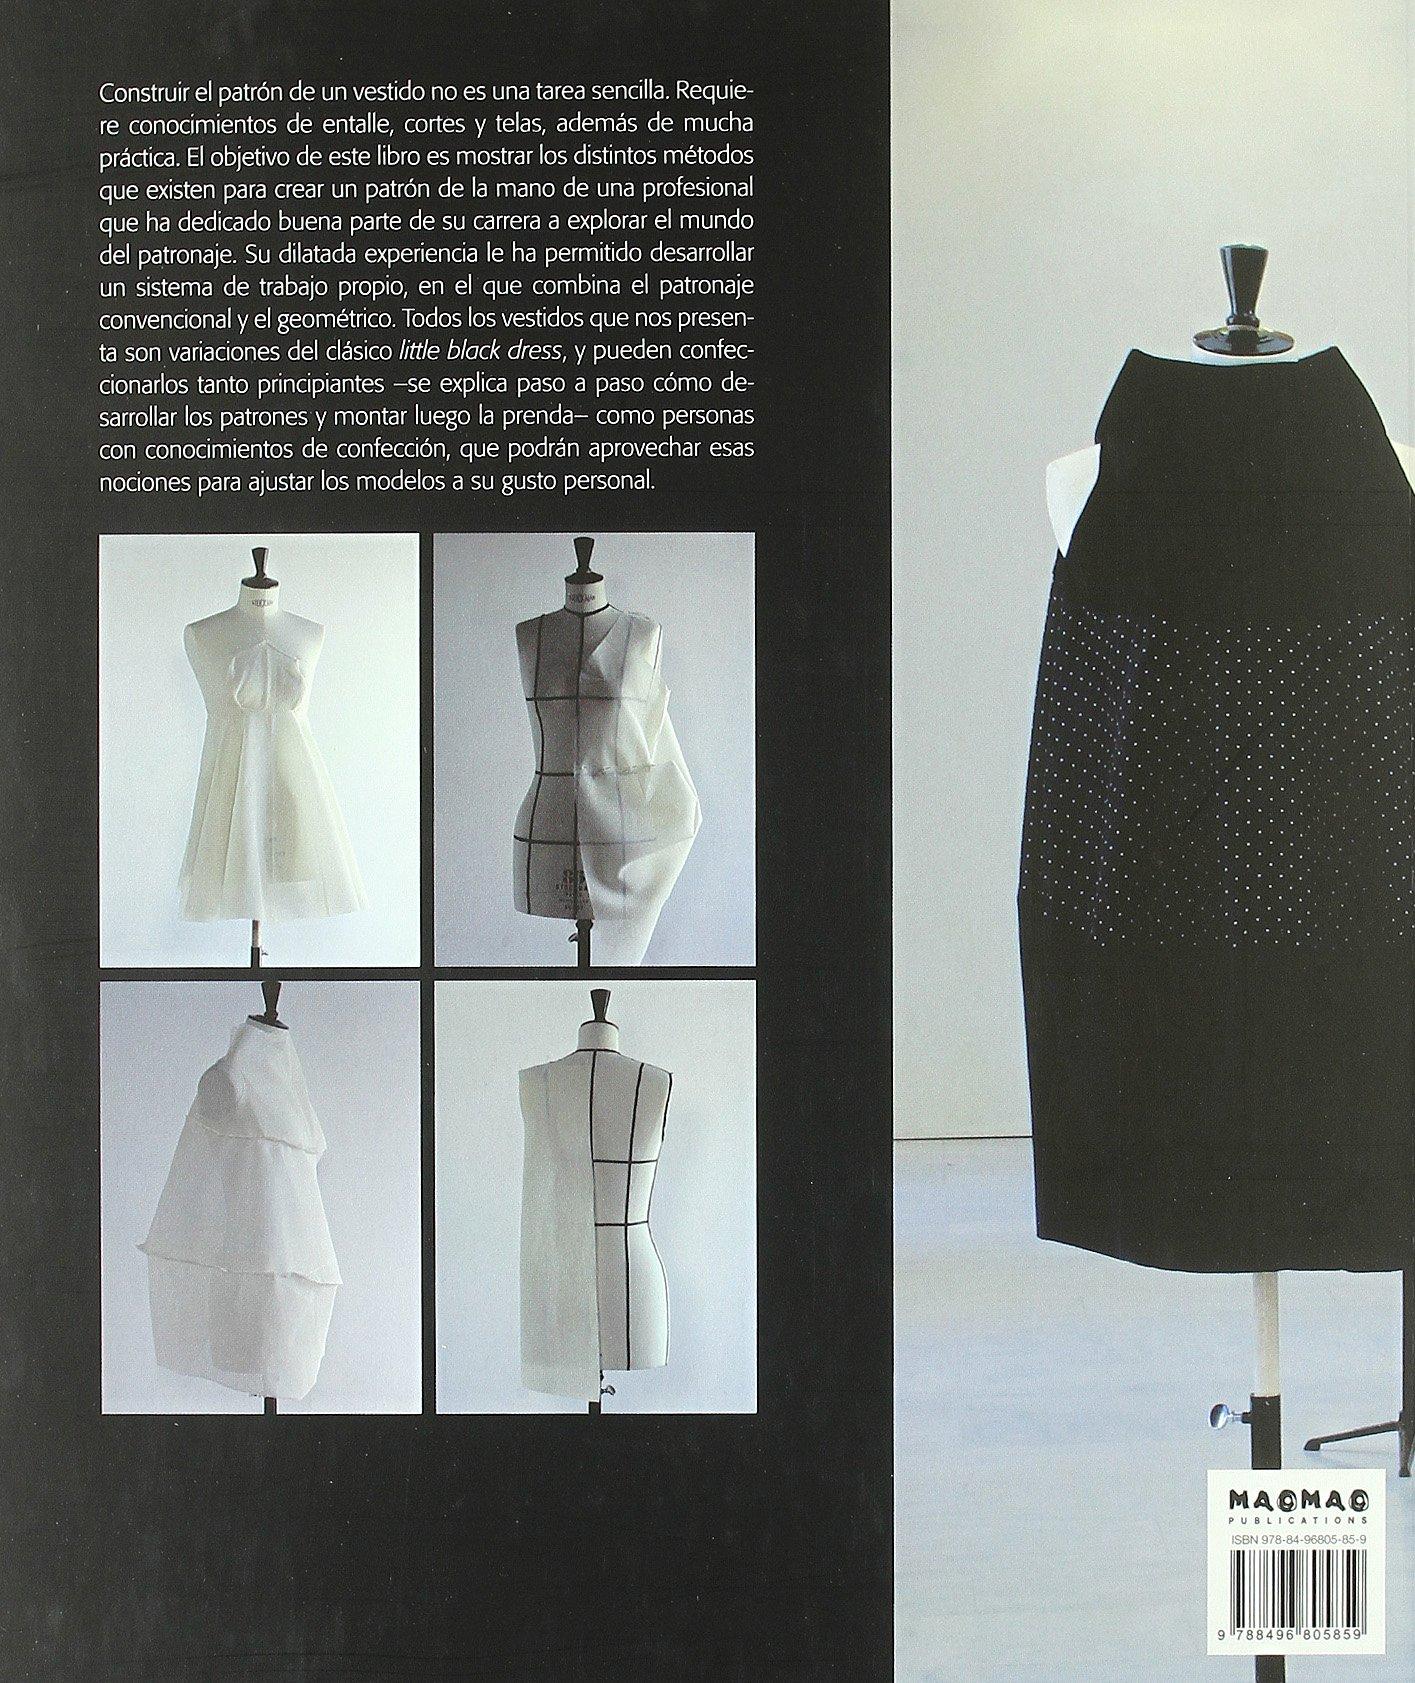 19 variaciones del Little Black Dress : el arte del patronaje de moda: Isabel Sánchez Hernández: 9788496805859: Amazon.com: Books